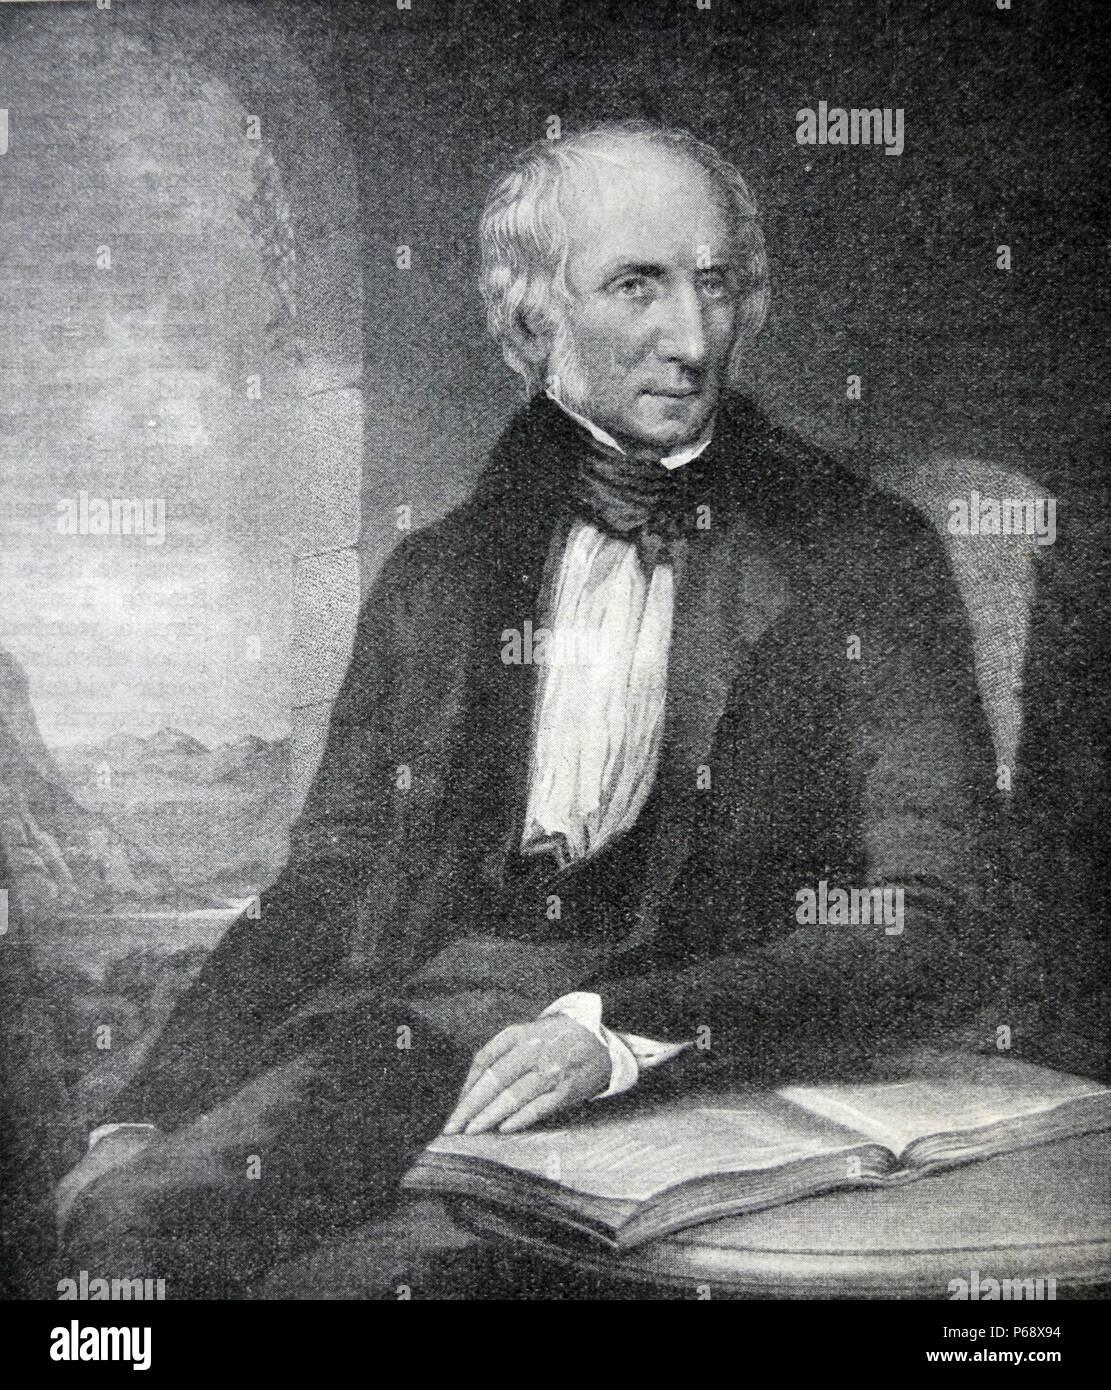 Littérature Romantique Anglaise portrait de william wordsworth (1770-1850) était un grand poète